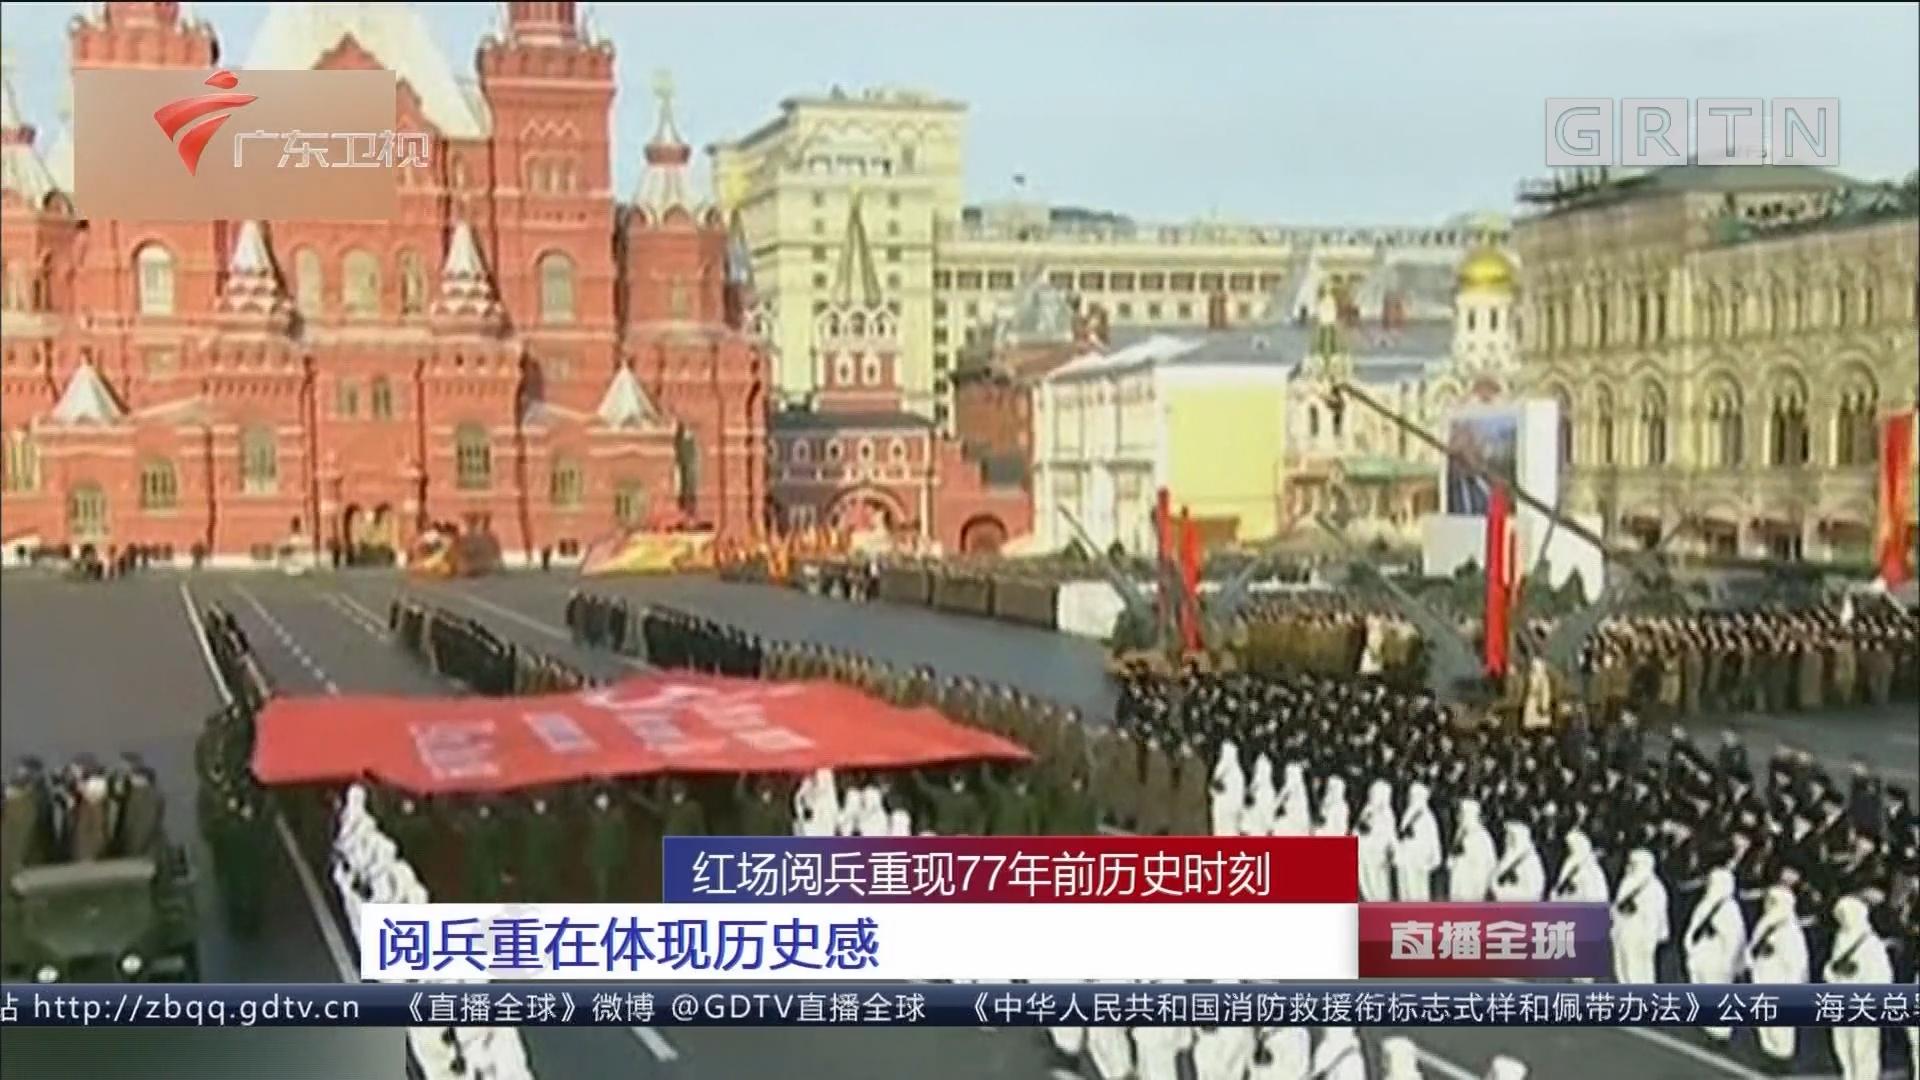 红场阅兵重现77年前历史时刻:阅兵重在体现历史感